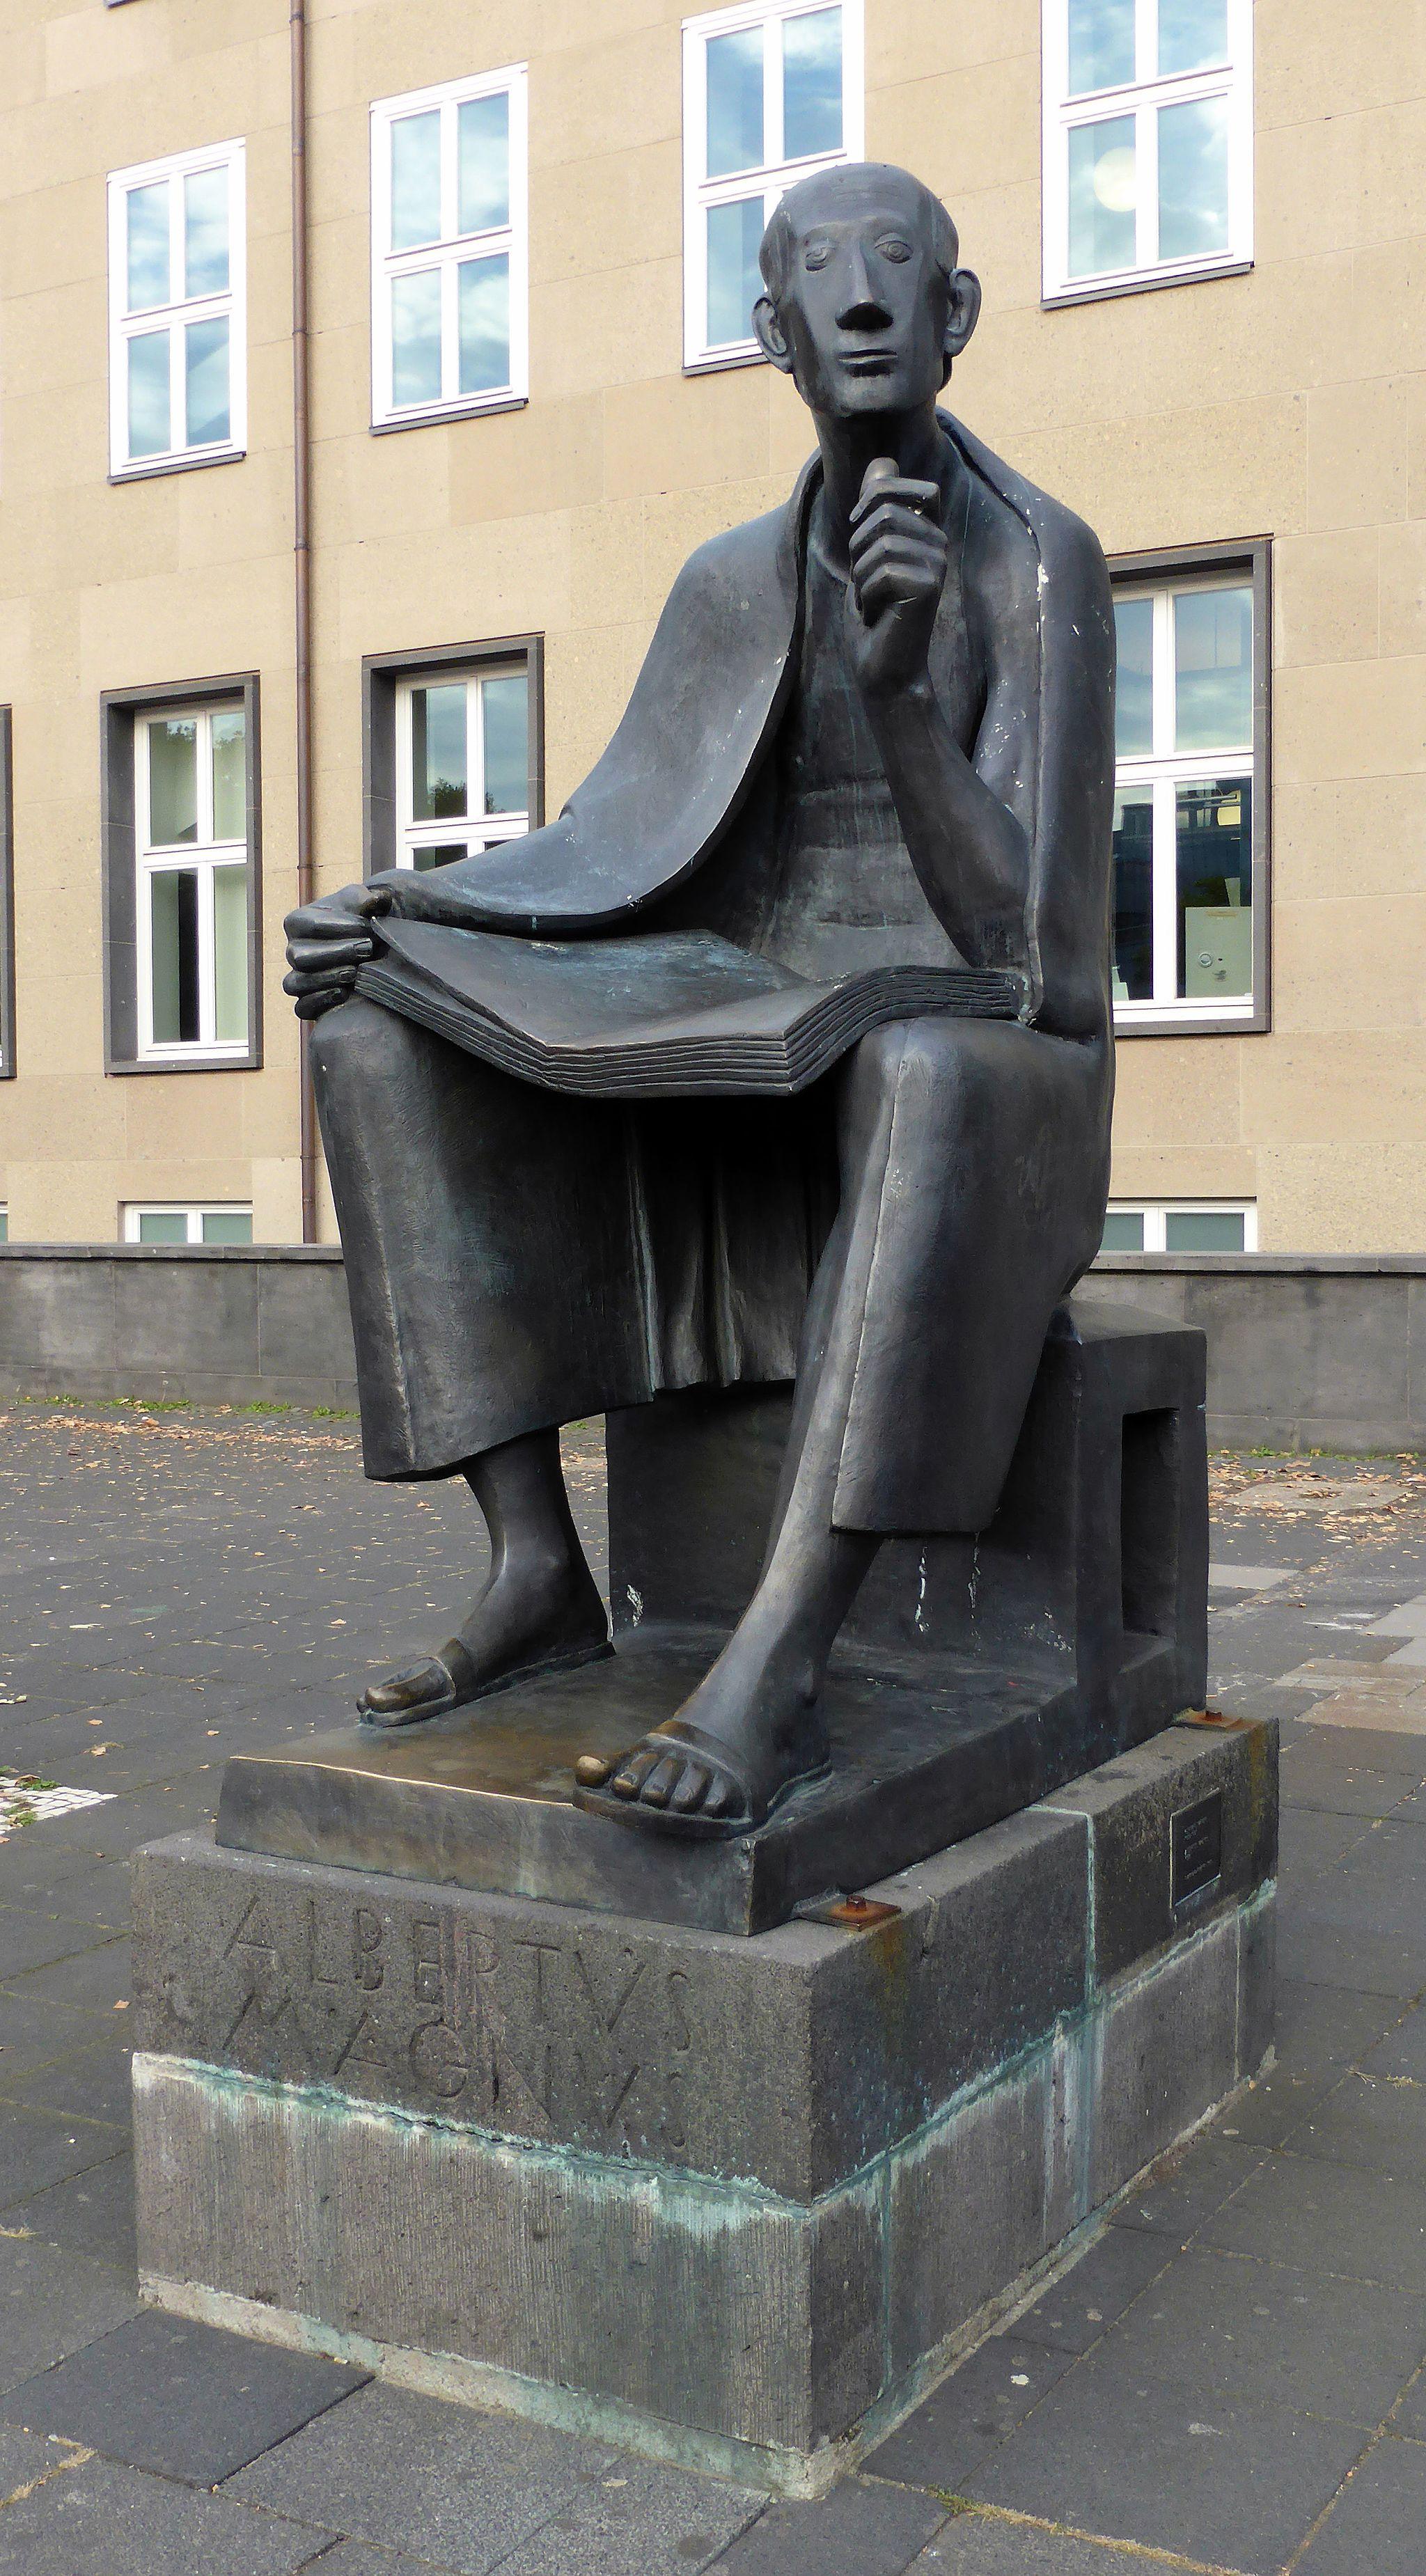 Das Albertus-Magnus-Denkmal ist wahrscheinlich aus Bronze. Es zeigt einen lesenden, barfüßigen Mann mit Umhang. Im Hintergrund das Hauptgebäude der Kölner Universität mit hohen Fenstern, in denen weiße Fensterkreuze zu sehen sind.